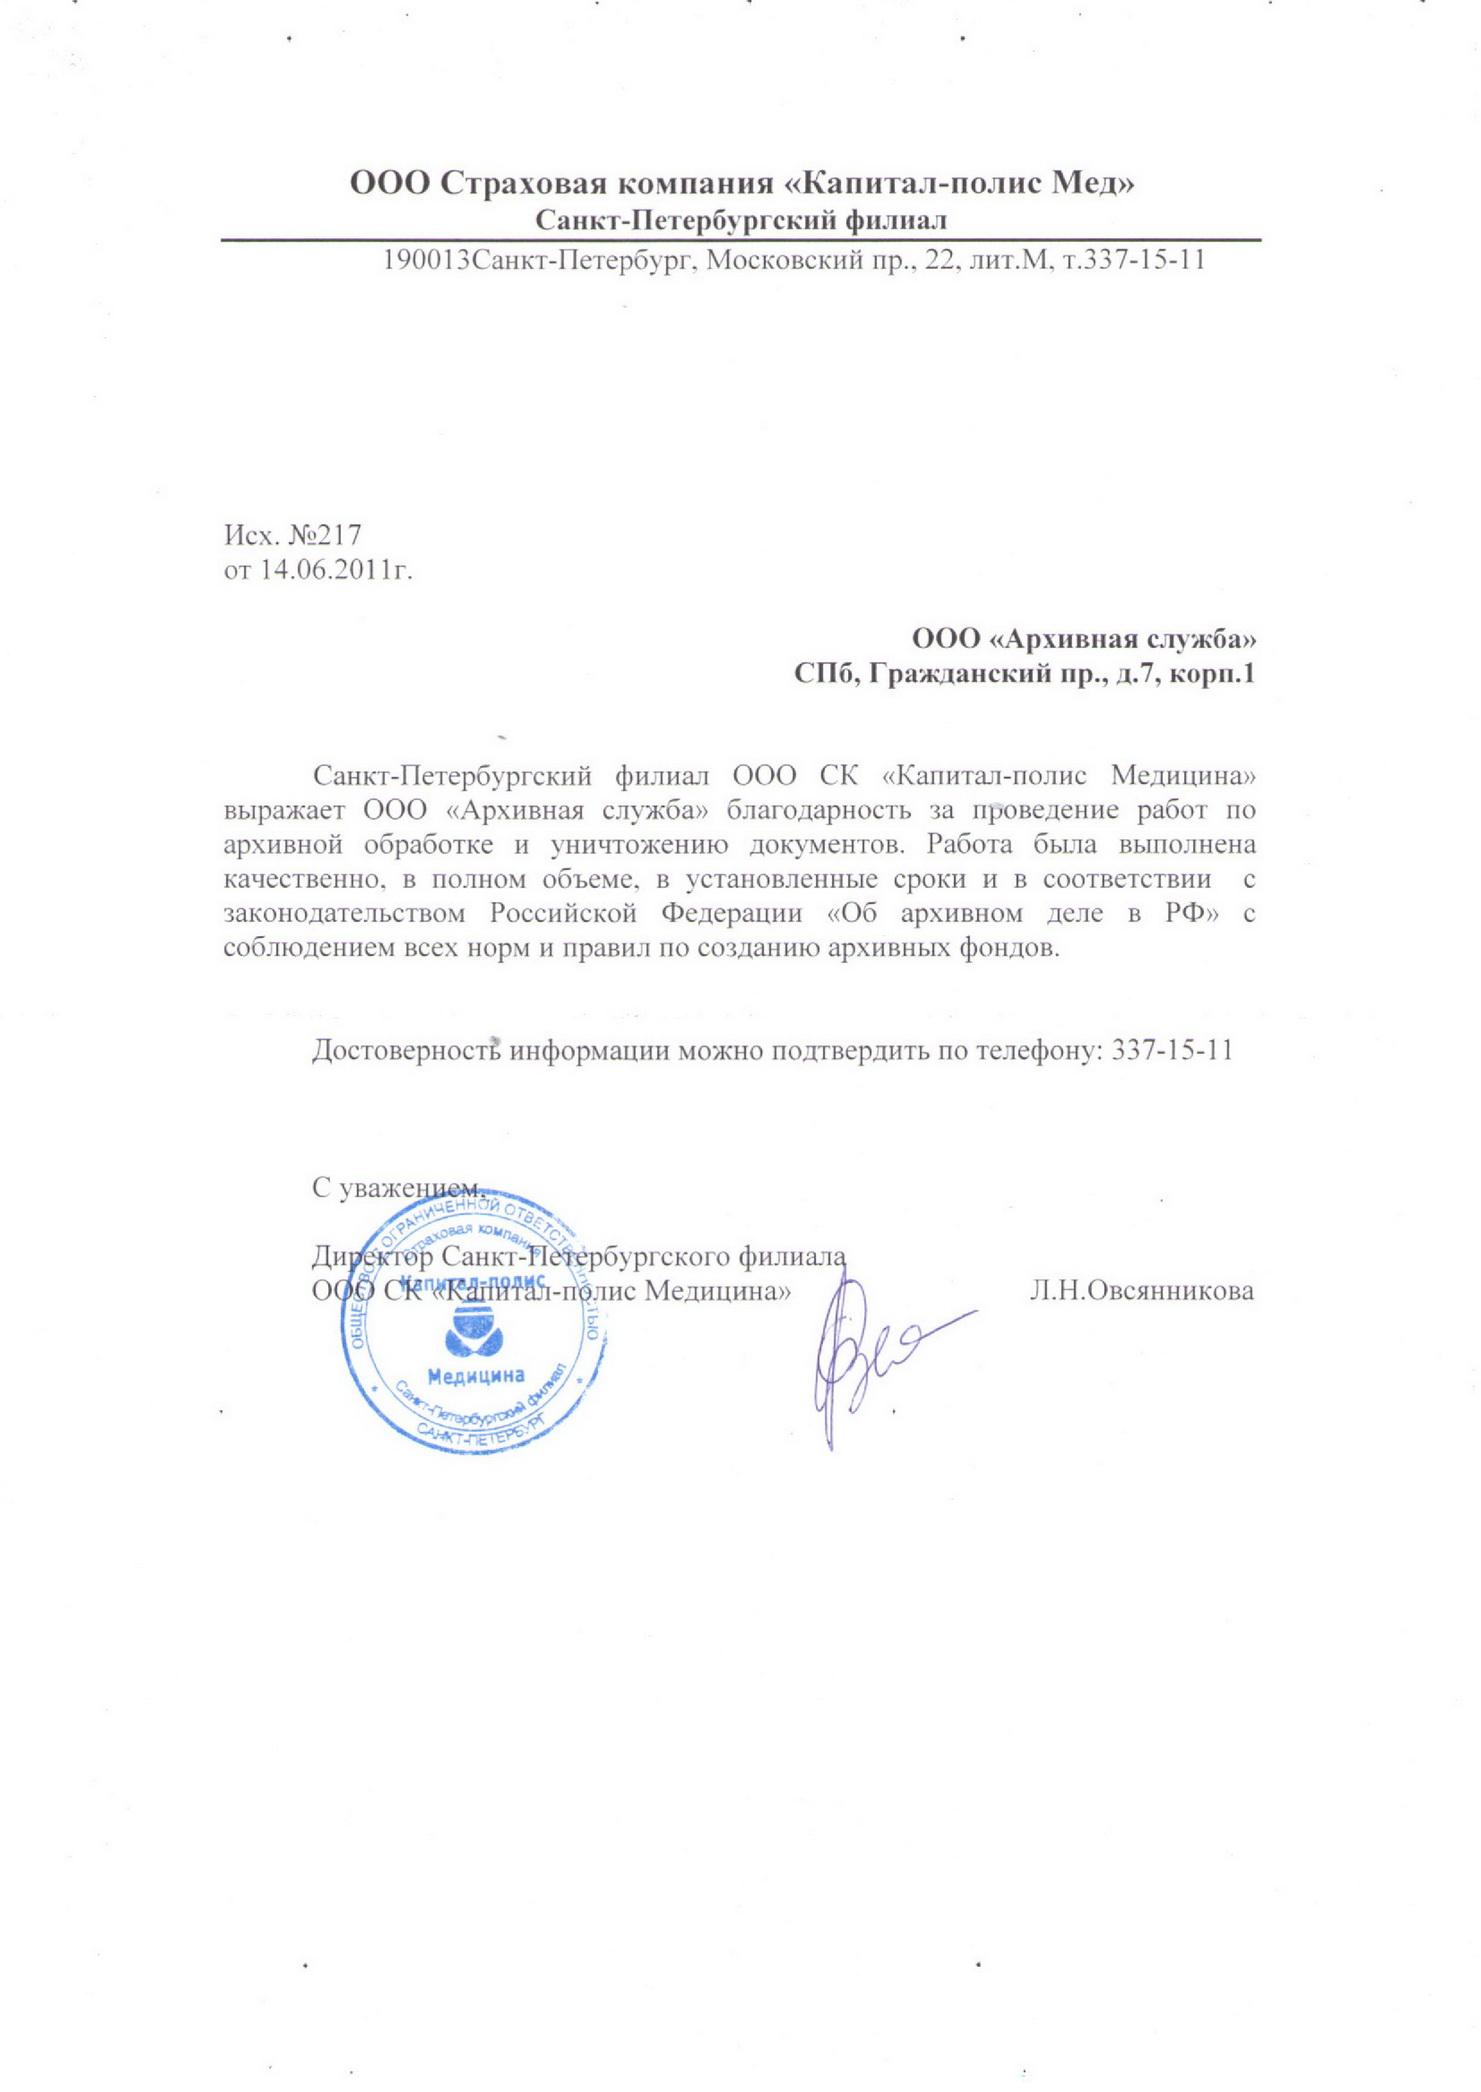 СК Капитал Полис